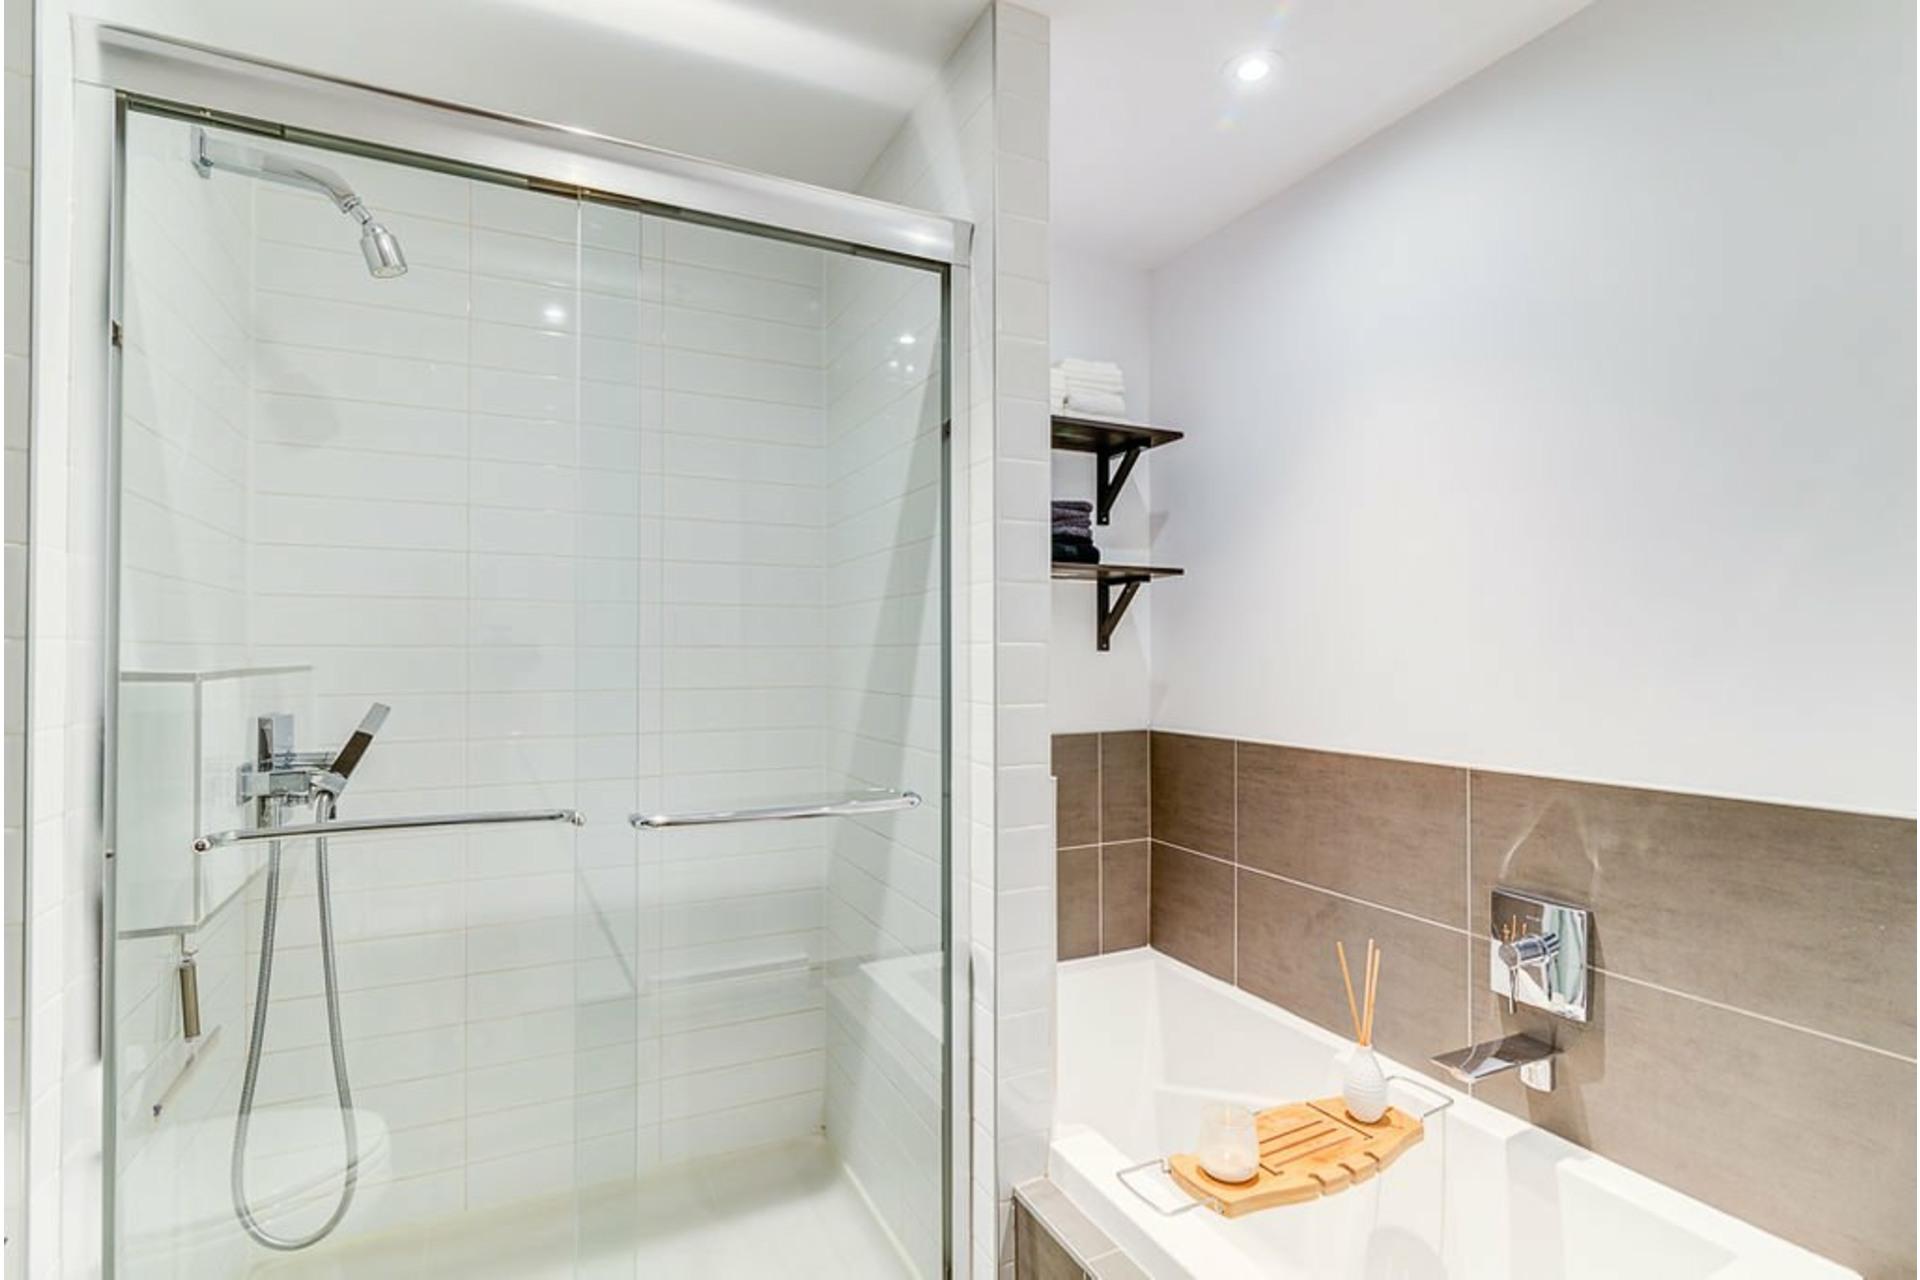 image 18 - Apartment For sale Villeray/Saint-Michel/Parc-Extension Montréal  - 4 rooms